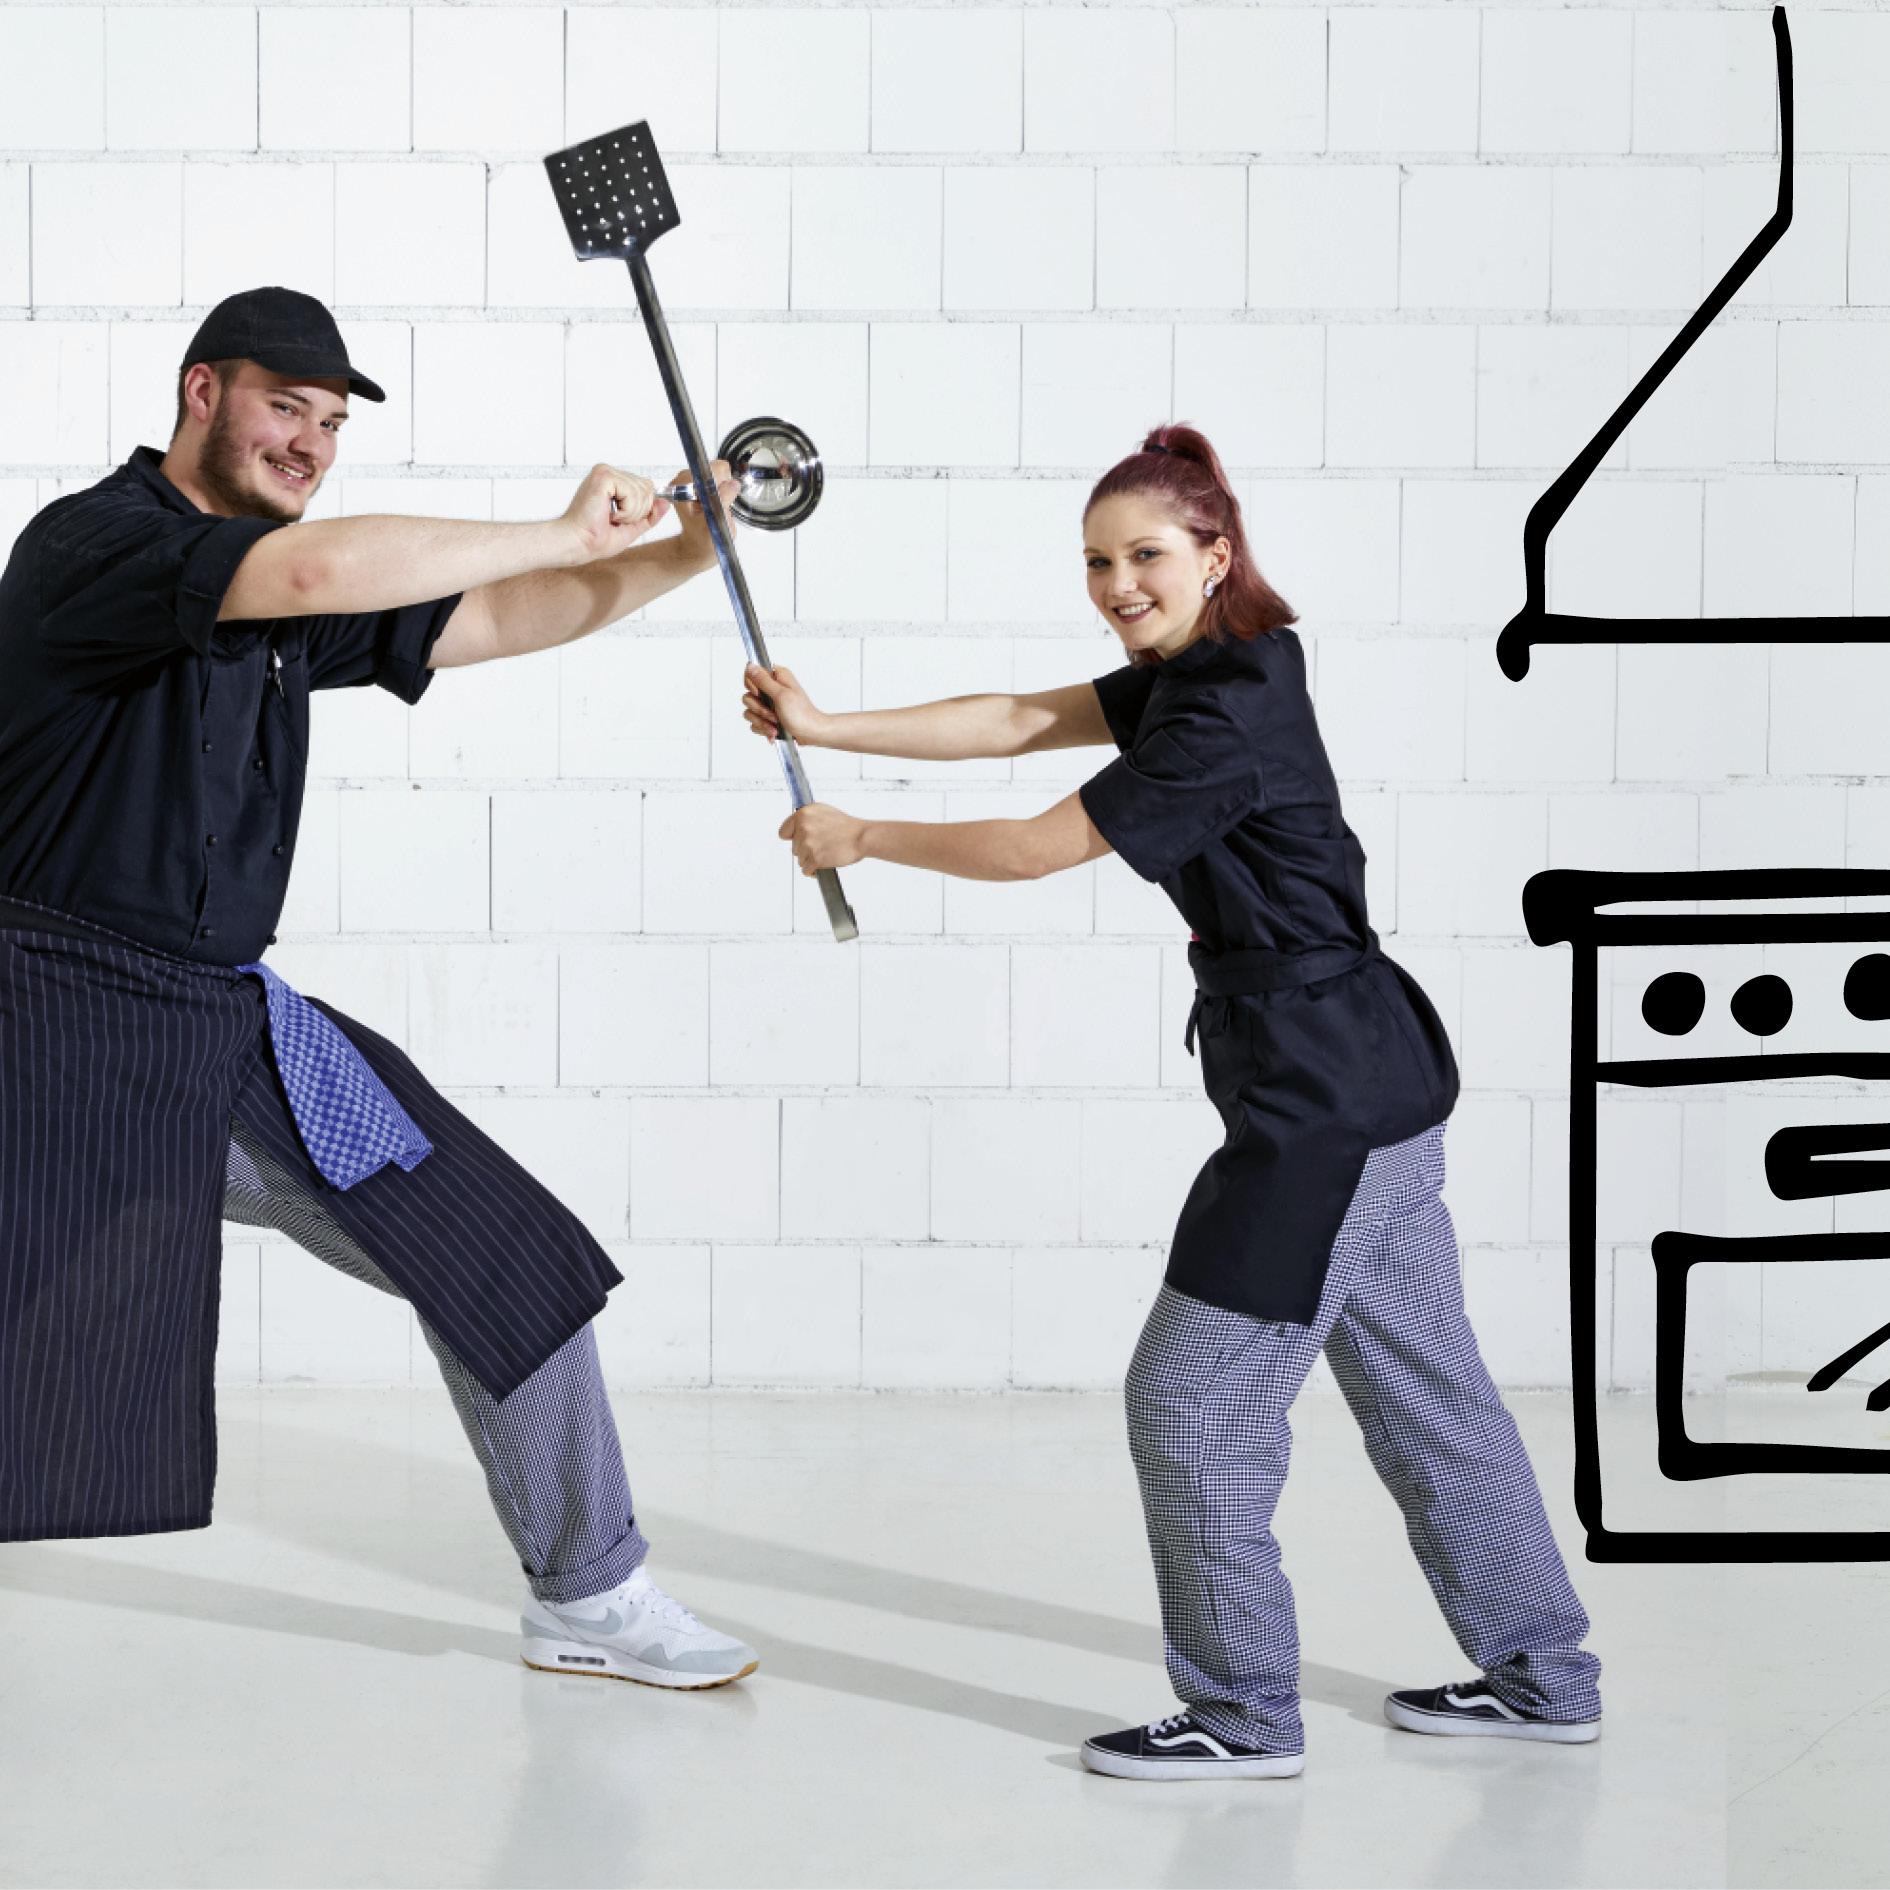 Gastronomiepersonal kämpft im Scherz mit Küchenutensilien